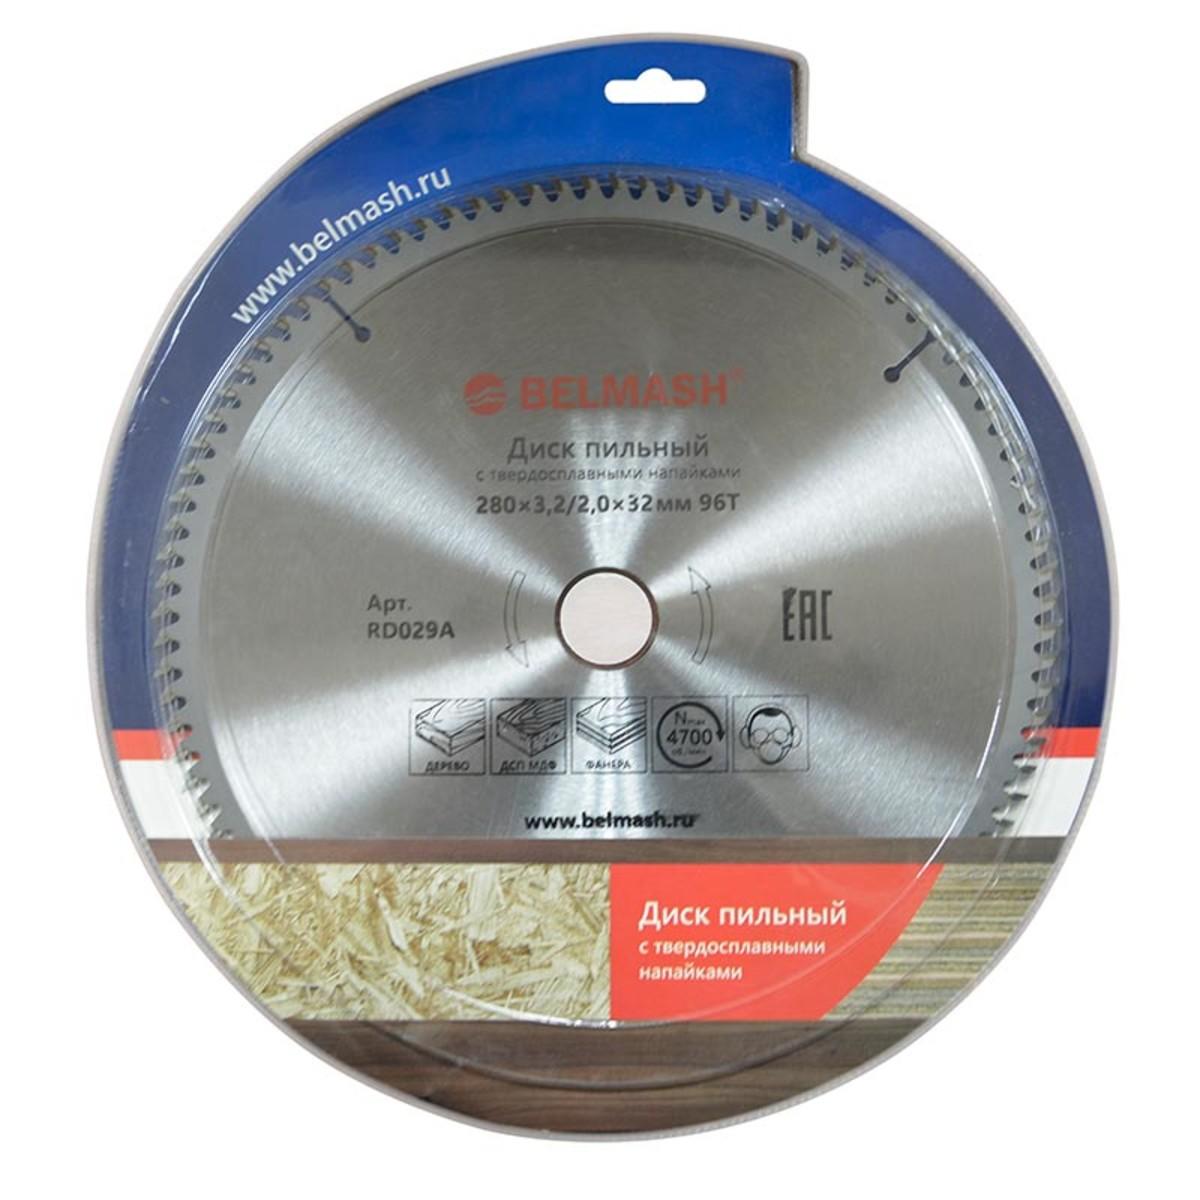 Диск пильный Belmash RD029A 280х32/20х32 мм 96Т